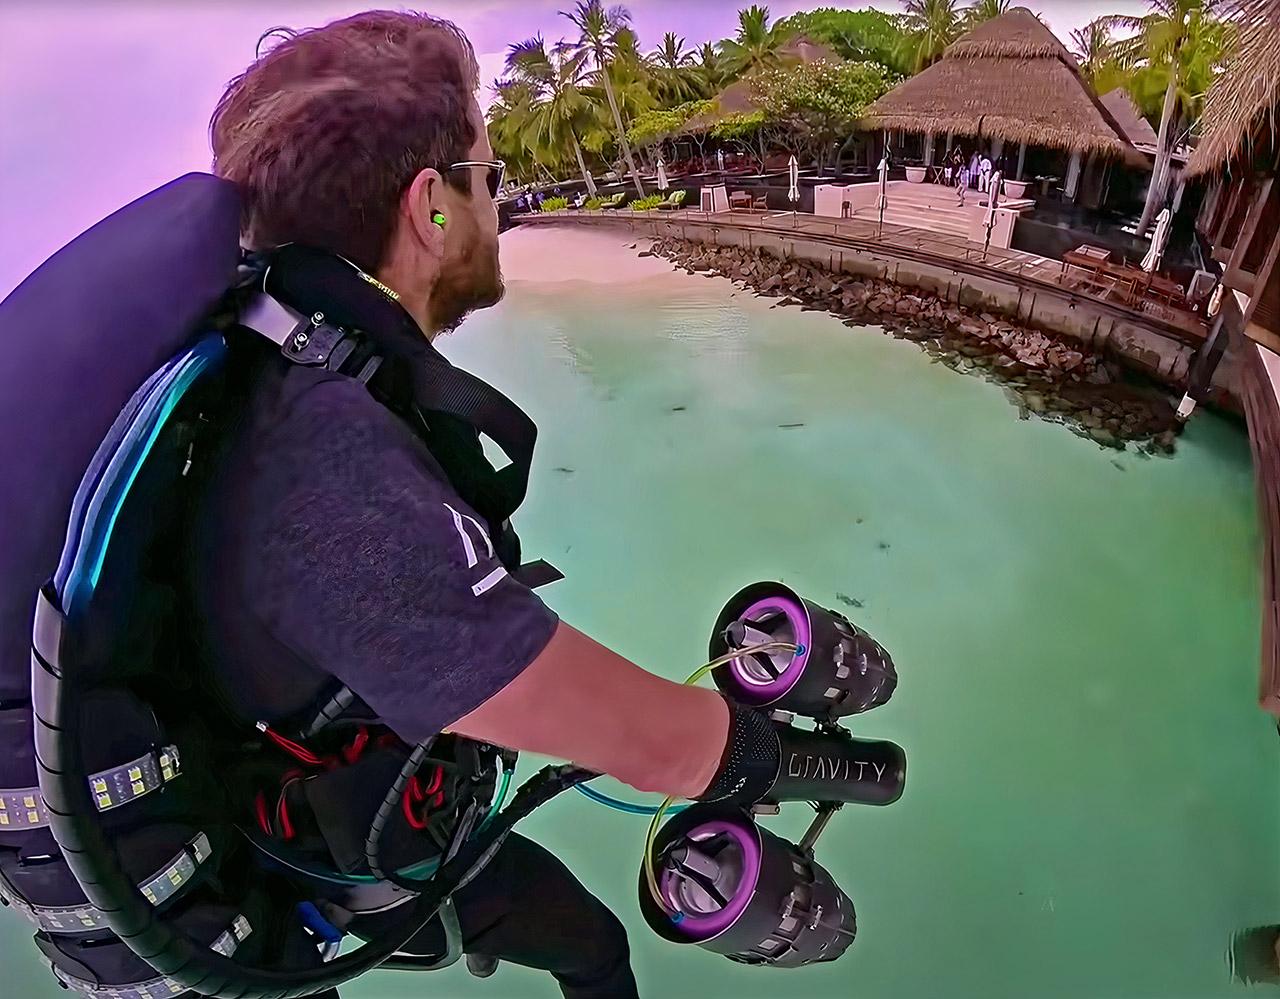 Gravity Industries Jet Suit Maldives